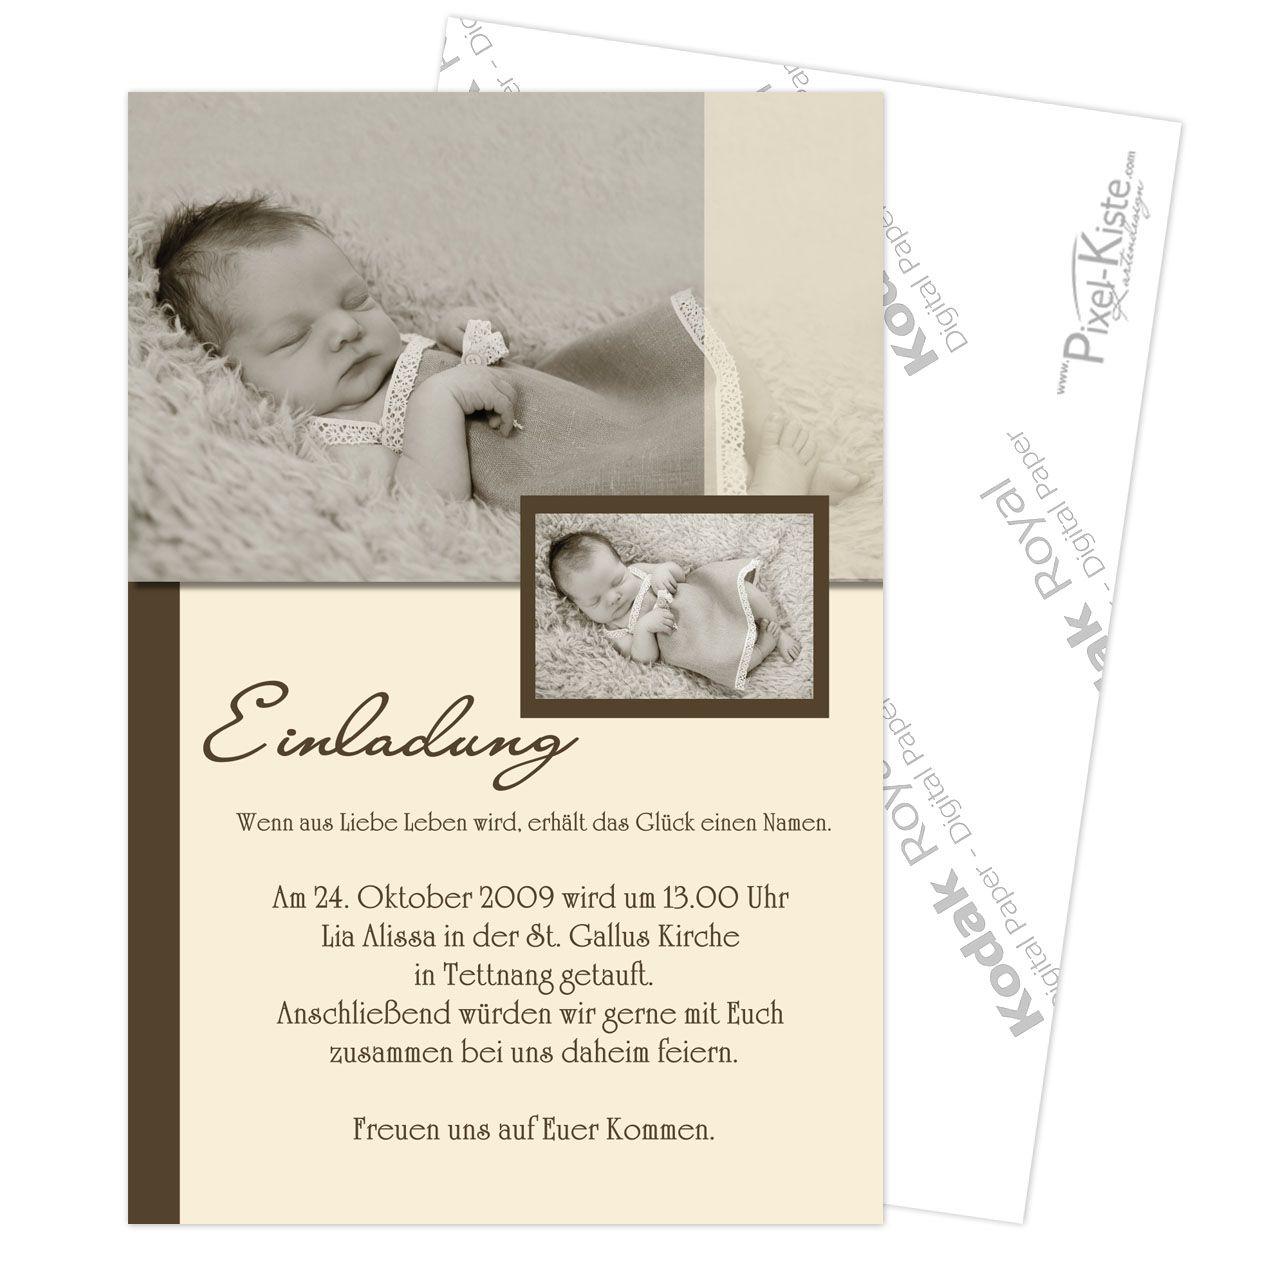 Einladung Zur Taufe Mit Foto Einladungskarten Taufe